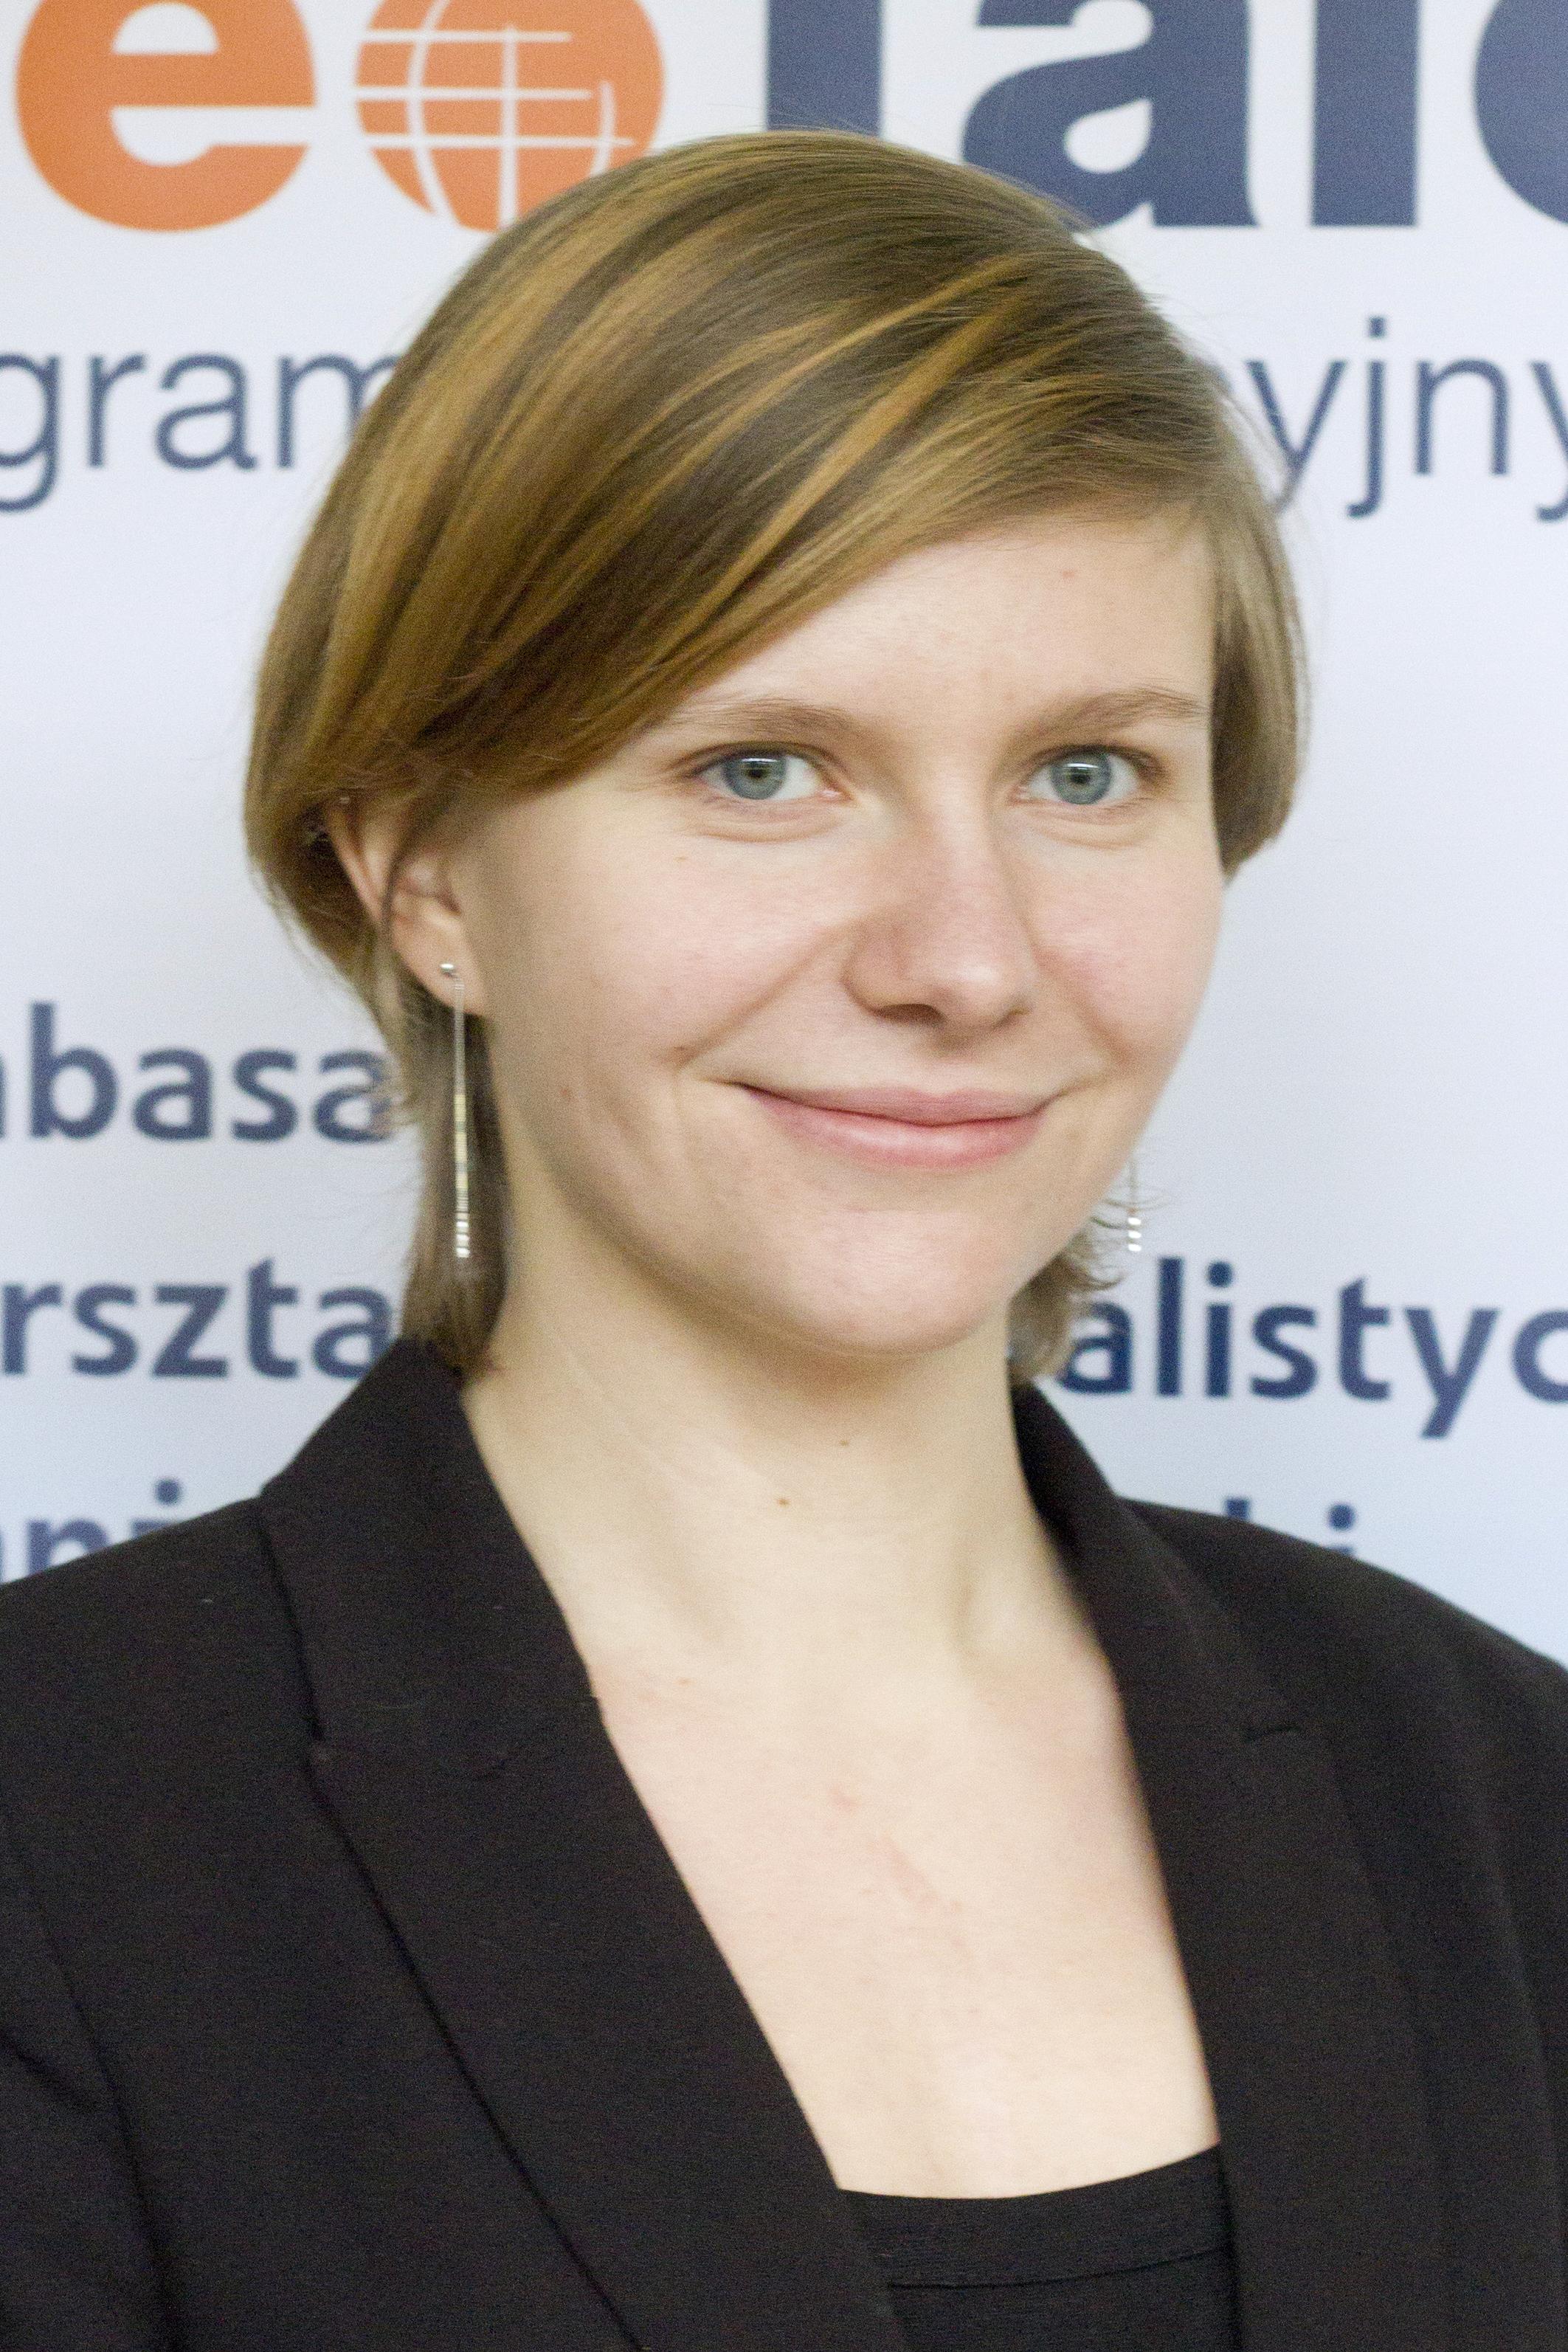 Weronika Miklaszewska